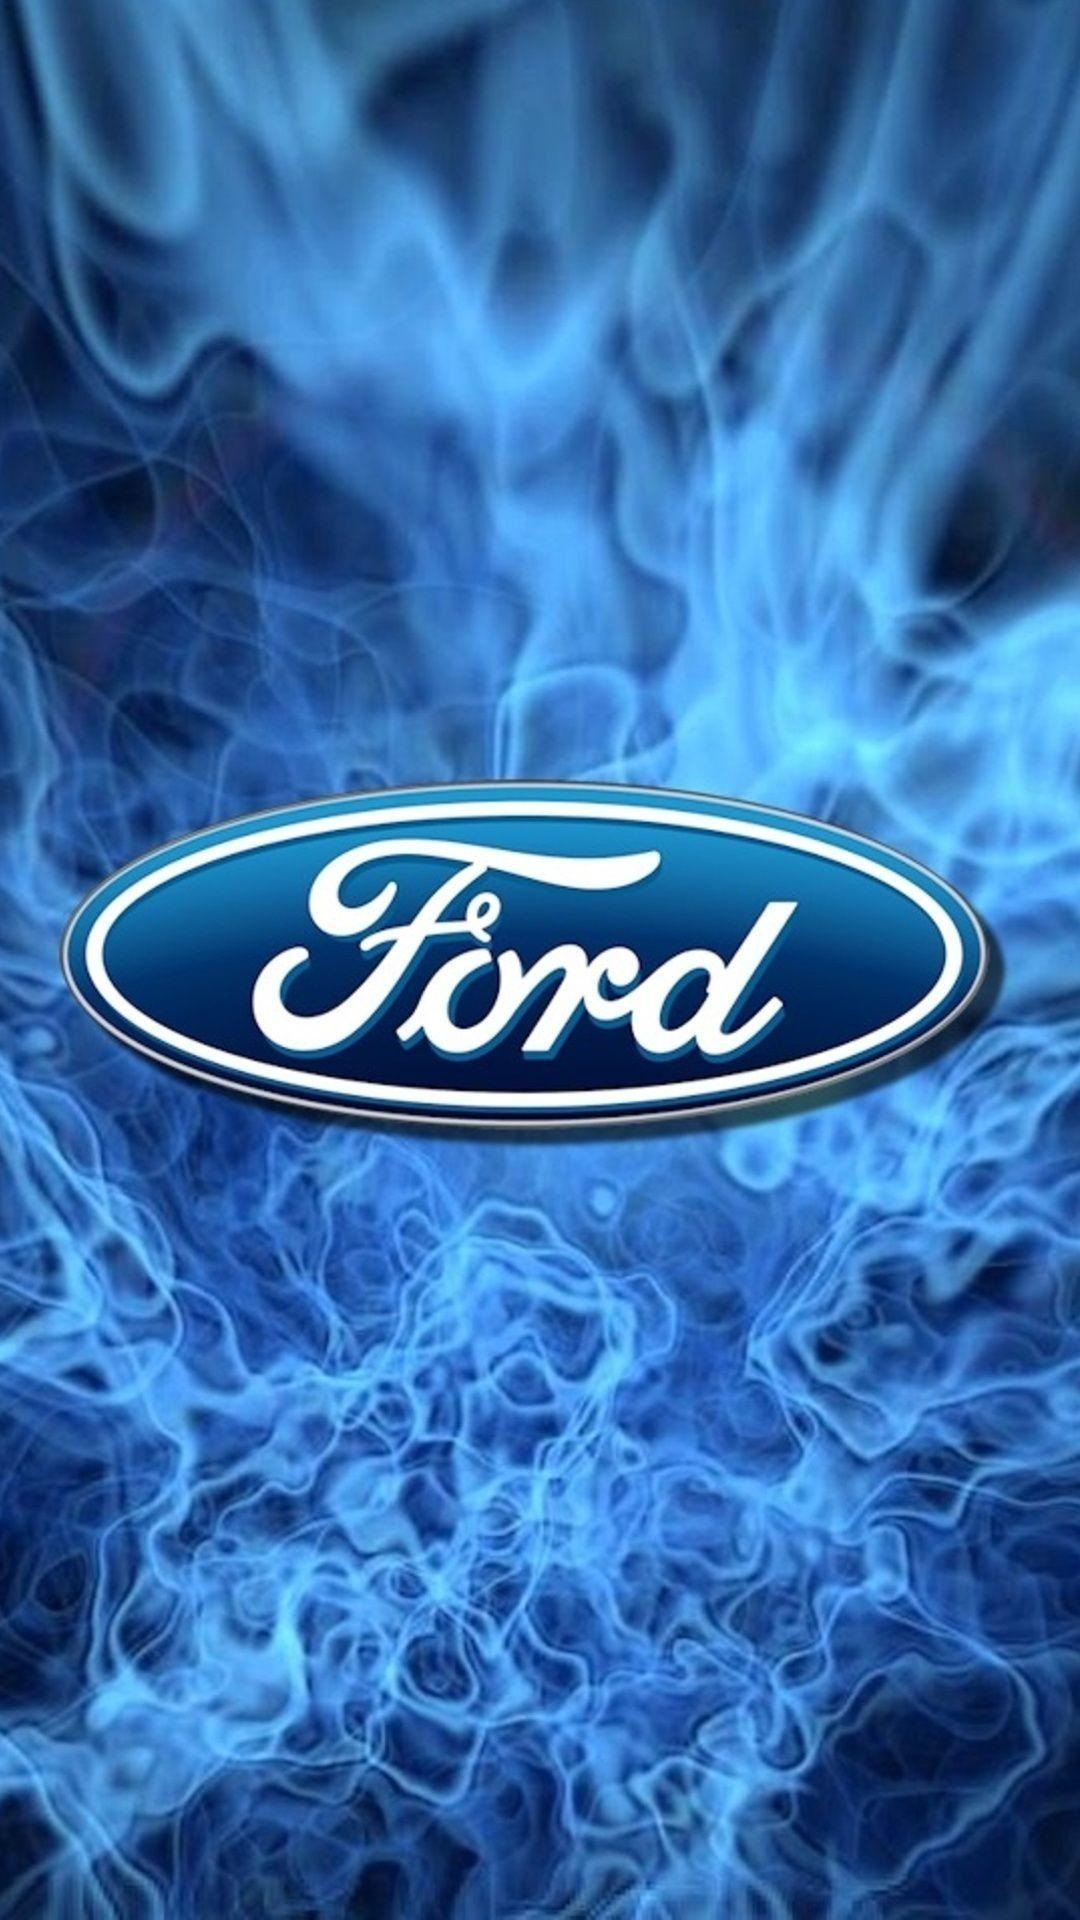 خلفيات Ford شعار Logo سيارات 19 Ford Trucks Ford Ford Truck